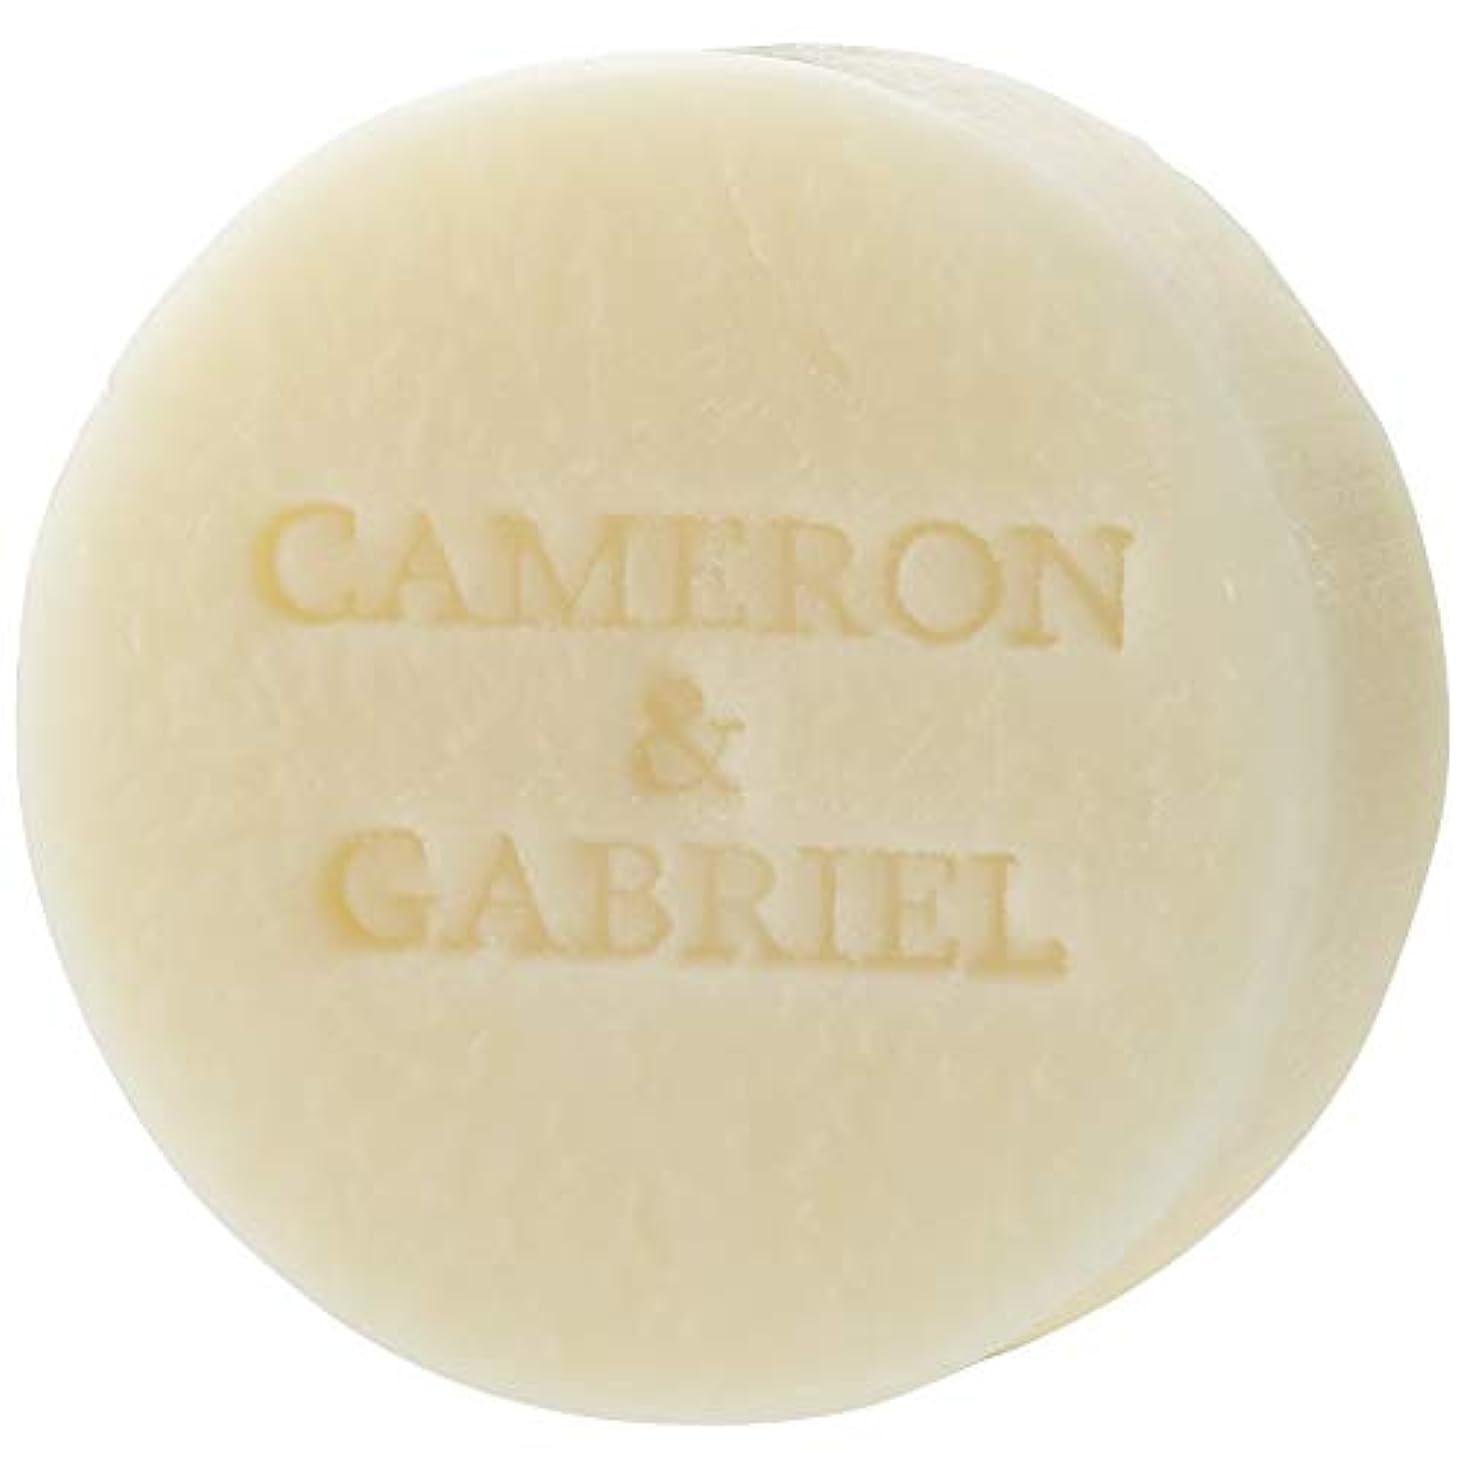 マージン絶えずバーチャルキャメロン&ガブリエル 天使の聖石(化粧石鹸)80g 日本製